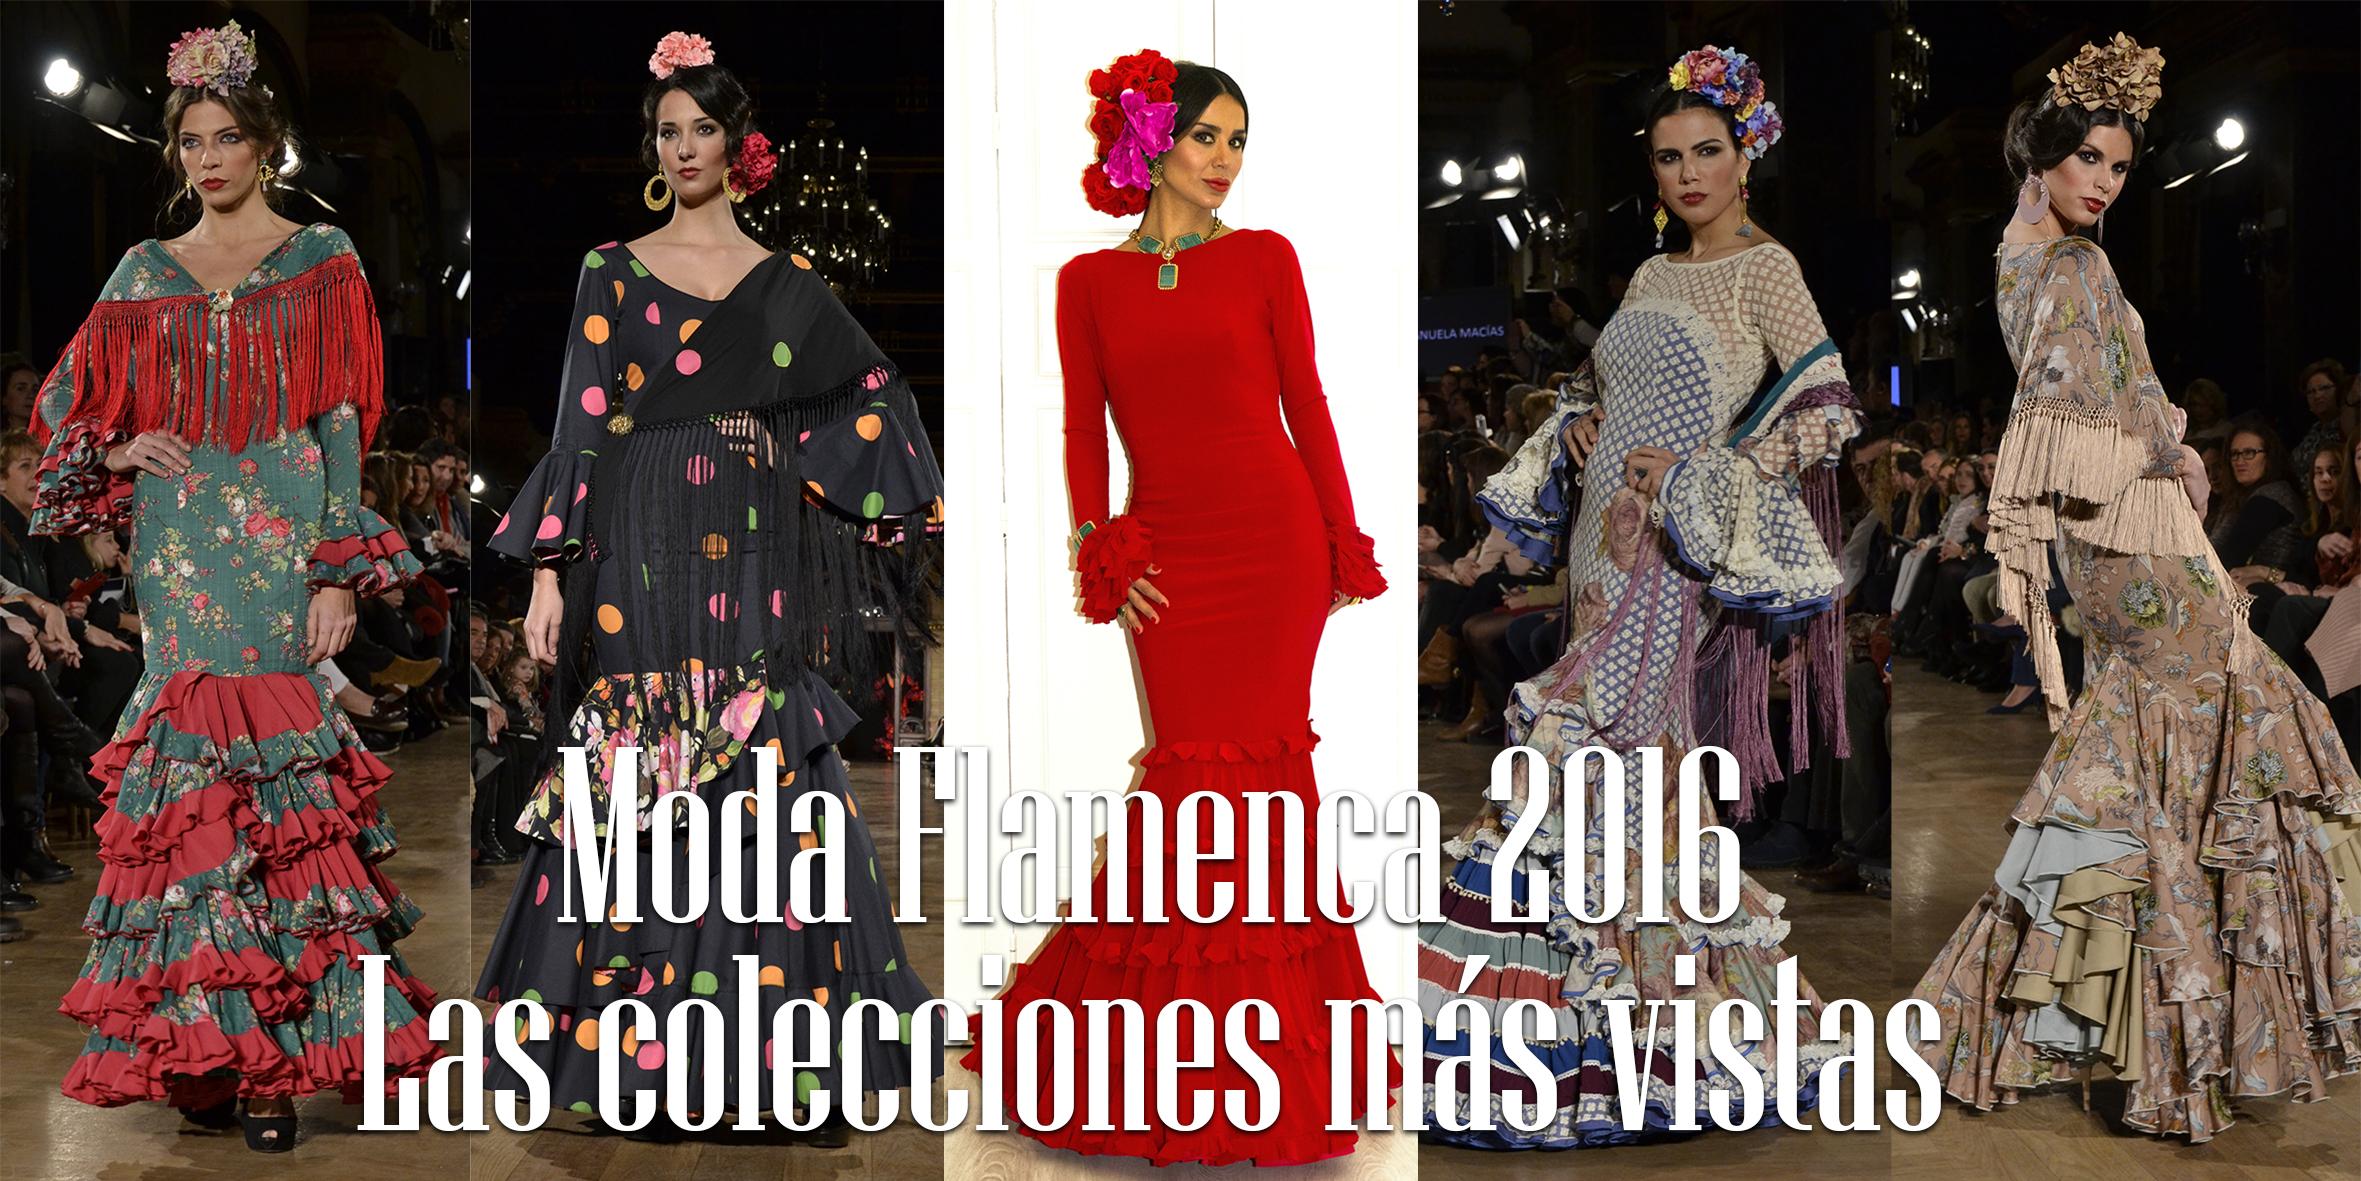 Moda Flamenca 2016: Las colecciones más vistas